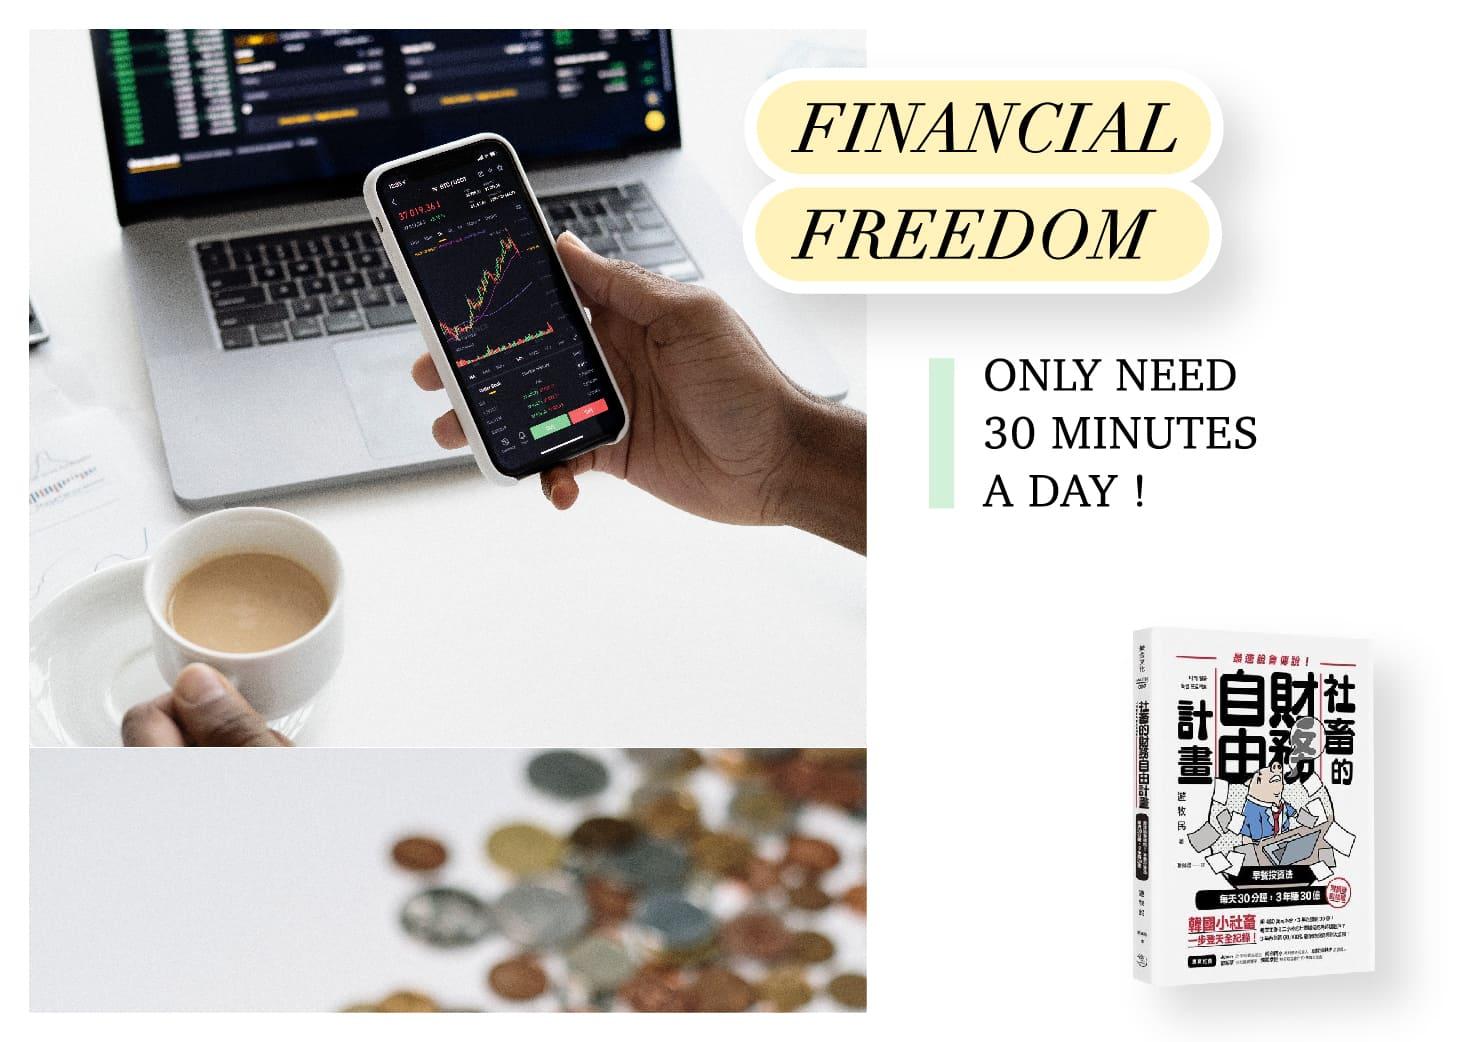 【菠蘿級好書】脫魯神助攻 社畜的財務自由計畫:早餐投資法,每天30分鐘,3年賺30億Financial Freedom: Only Need 30 Minutes A Day